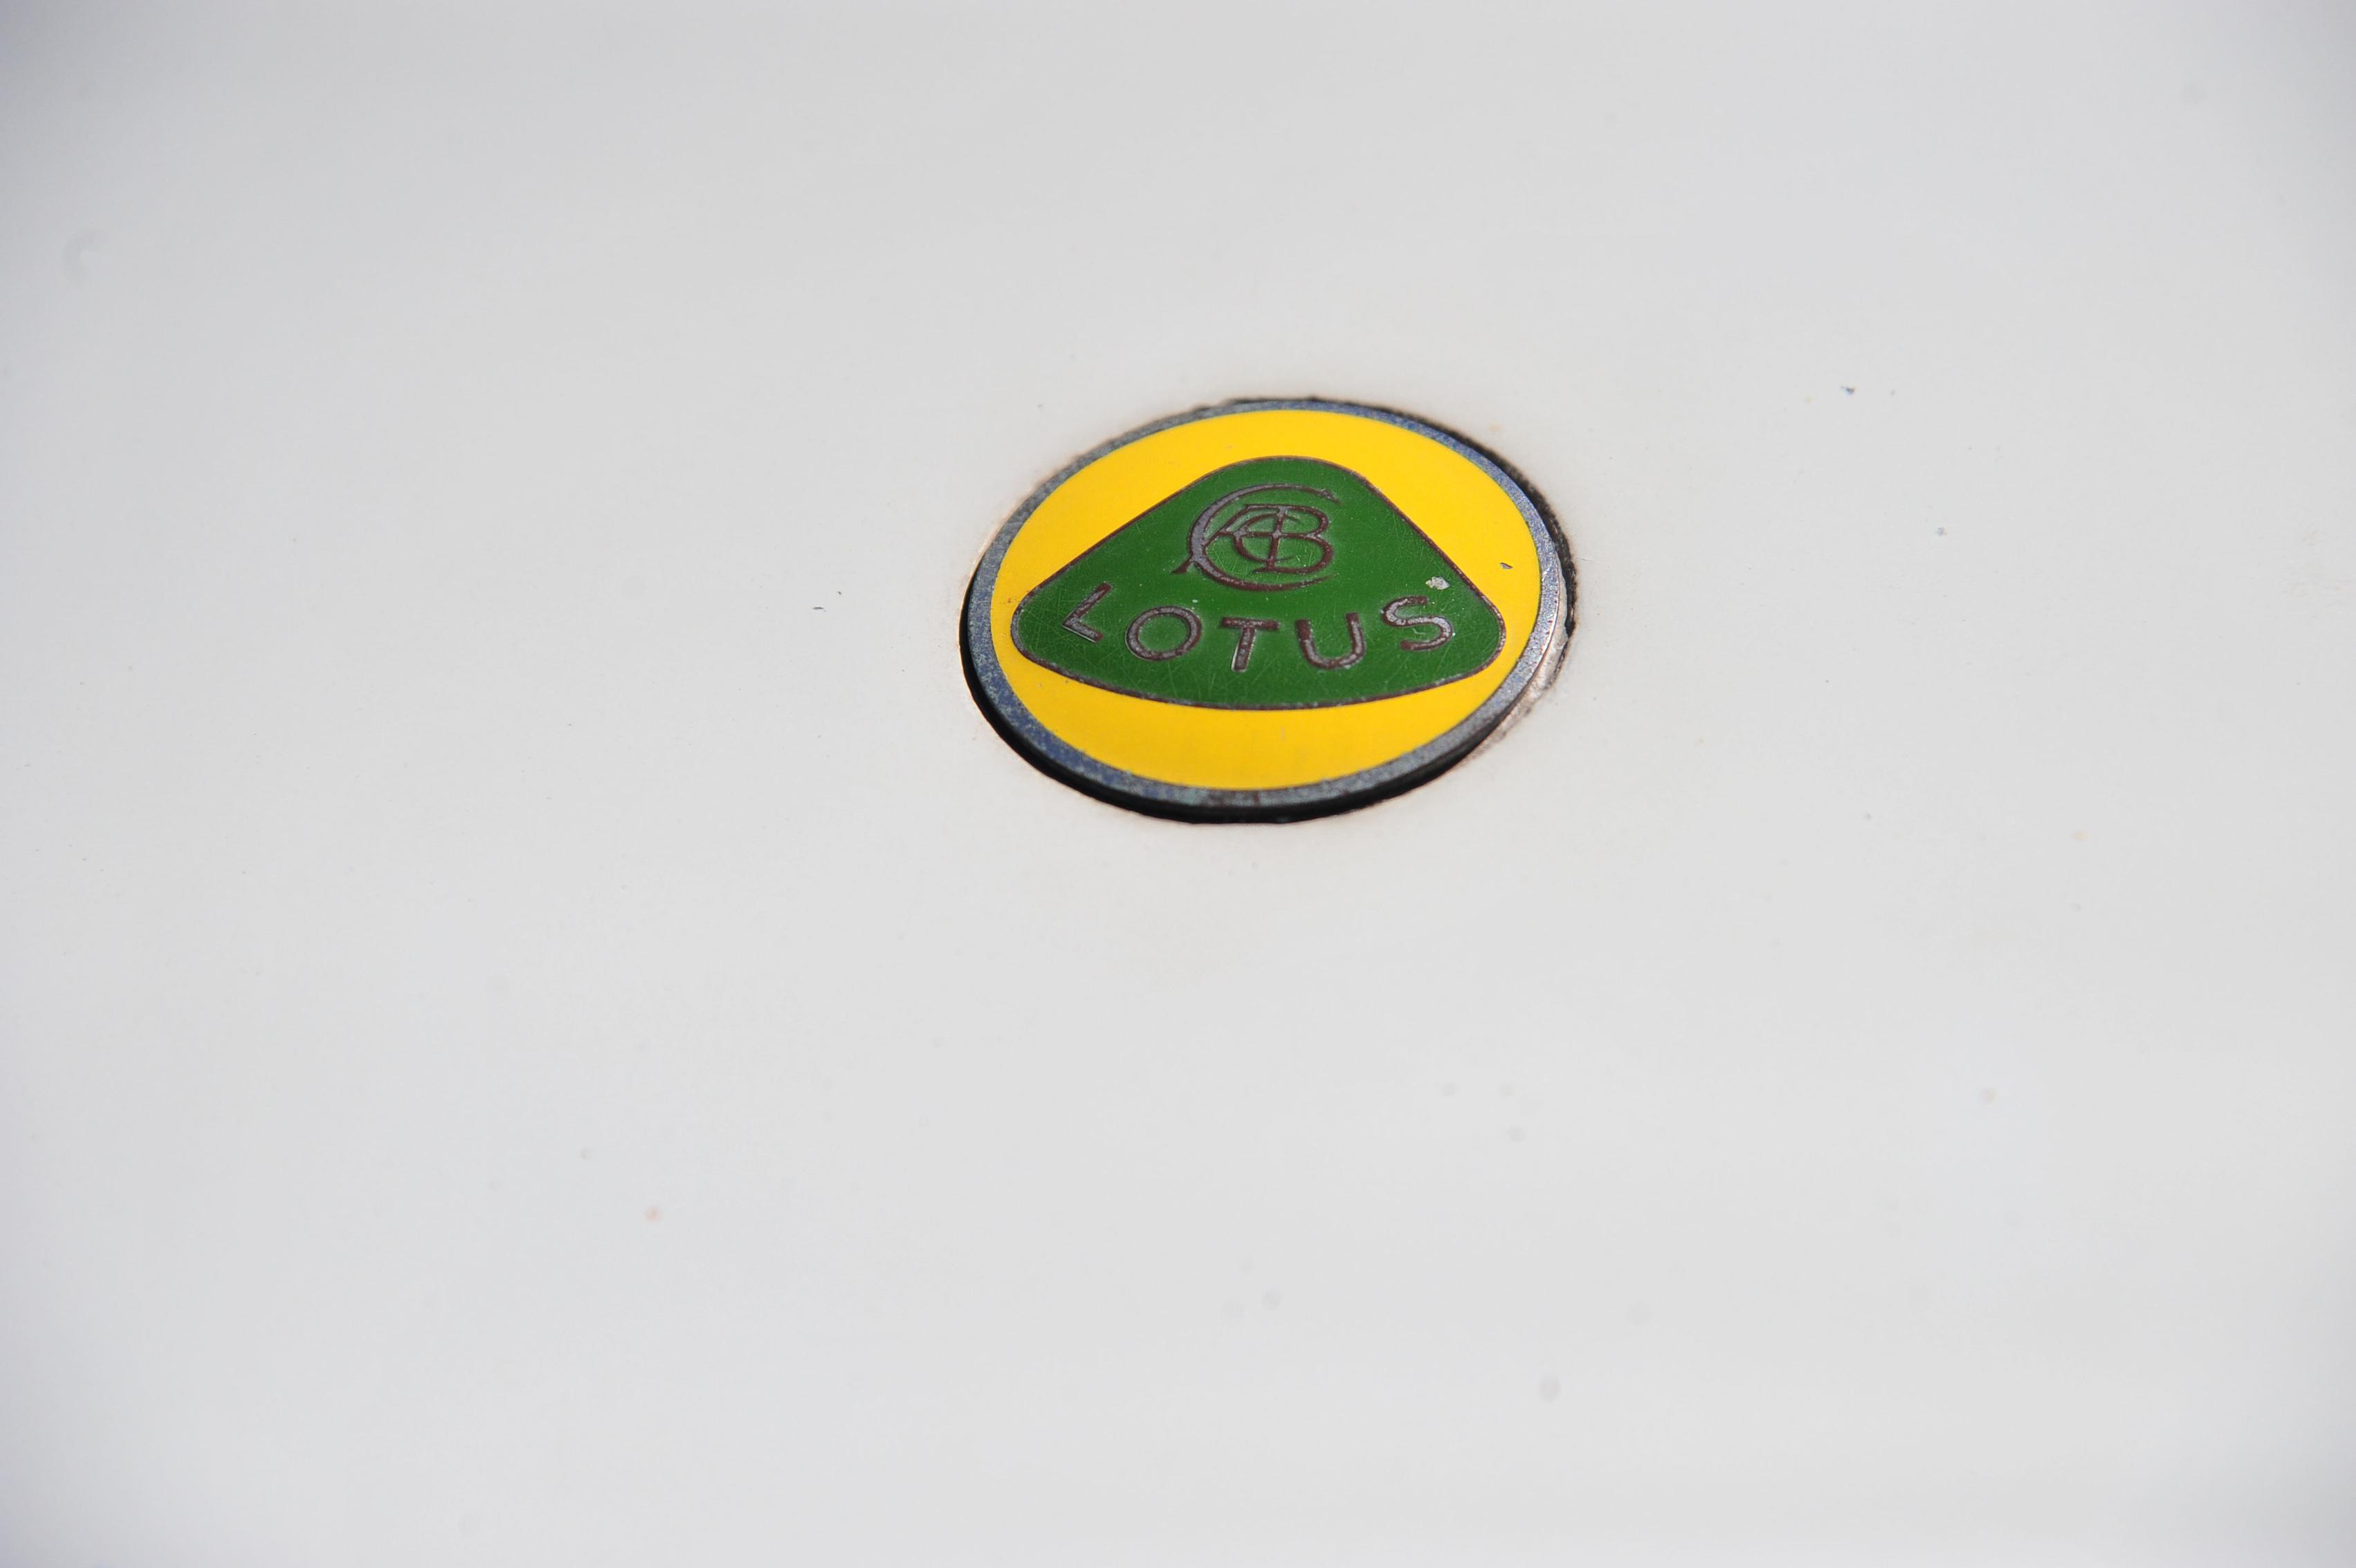 1961 Type 14 Lotus Elite badge